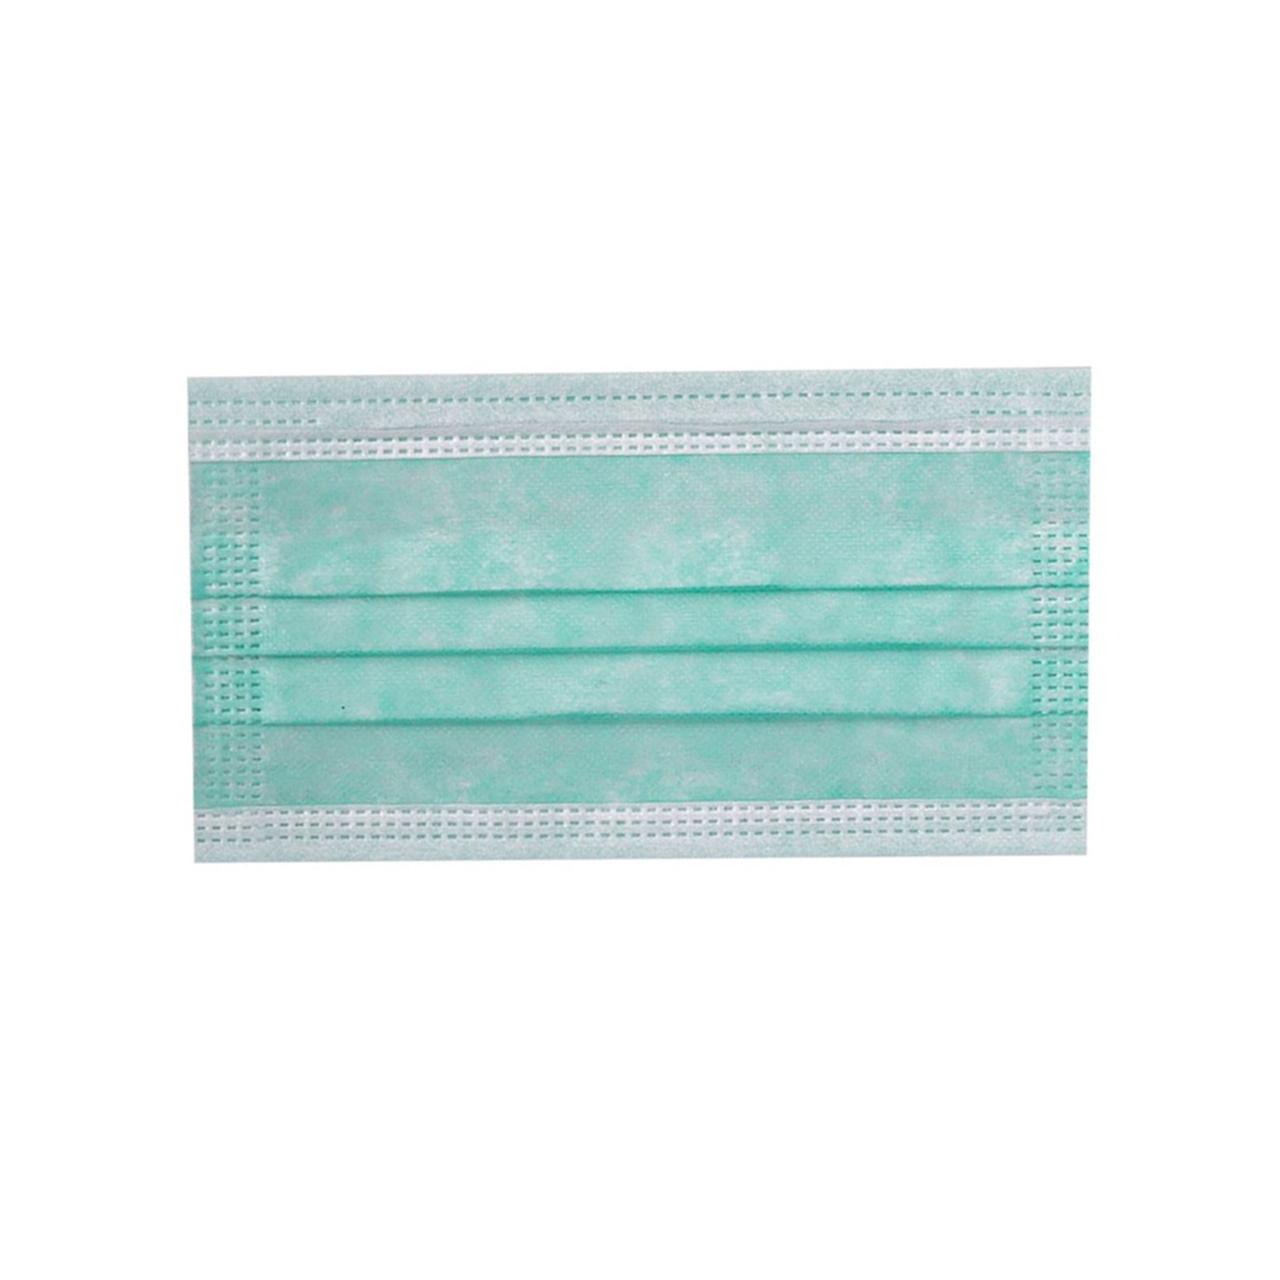 ماسک تنفسی انزانی مدل EGR12 بسته 10 main 1 1